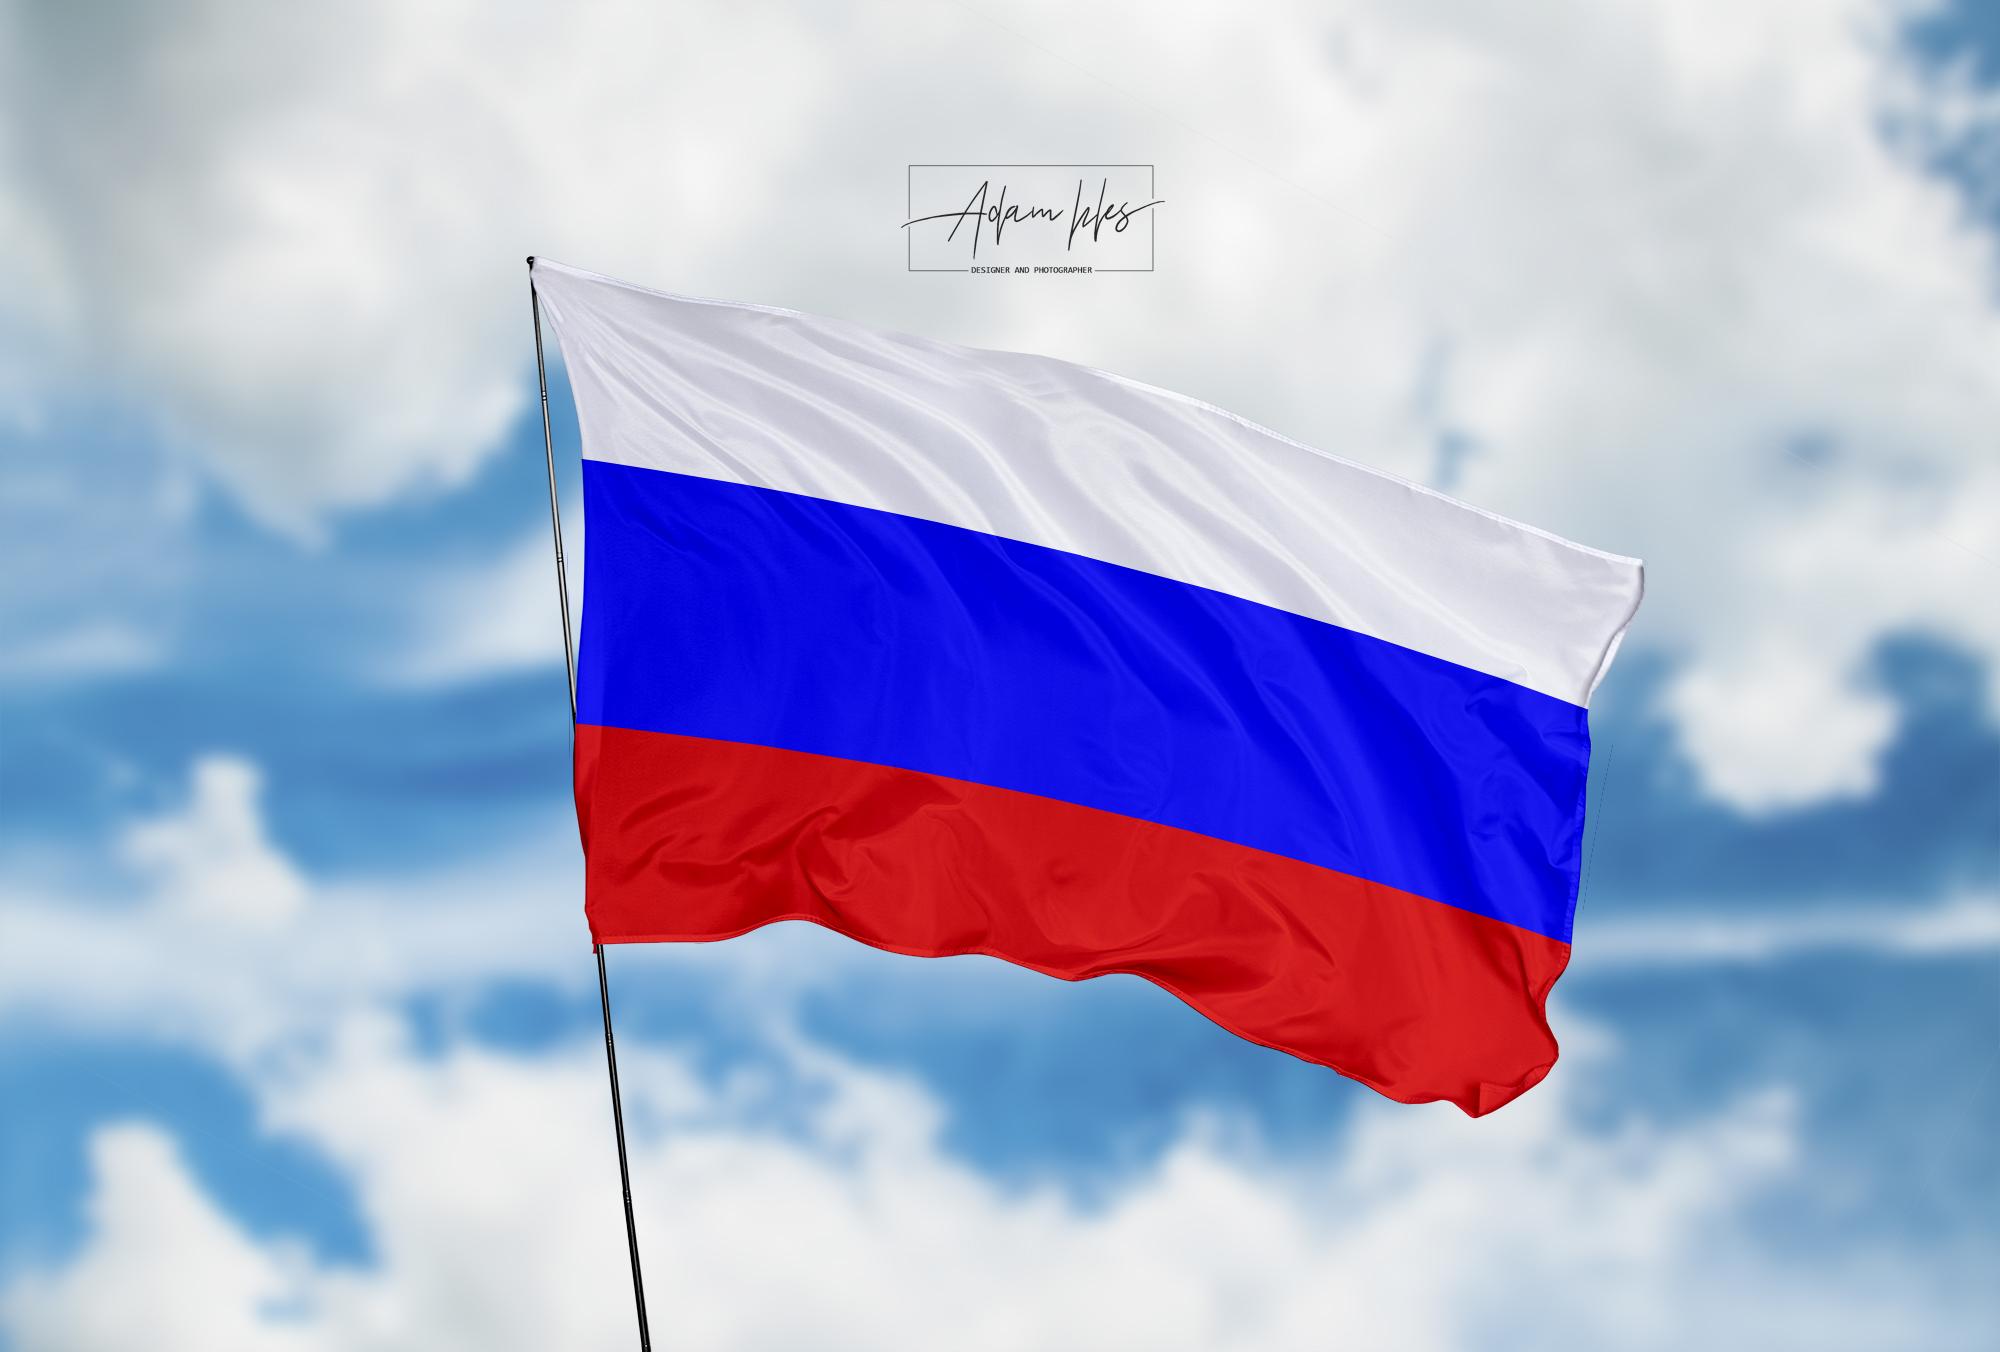 تحميل اجمل خلفية علم روسيا يرفرف في السماء - اجمل خلفيات روسيا الرائعة